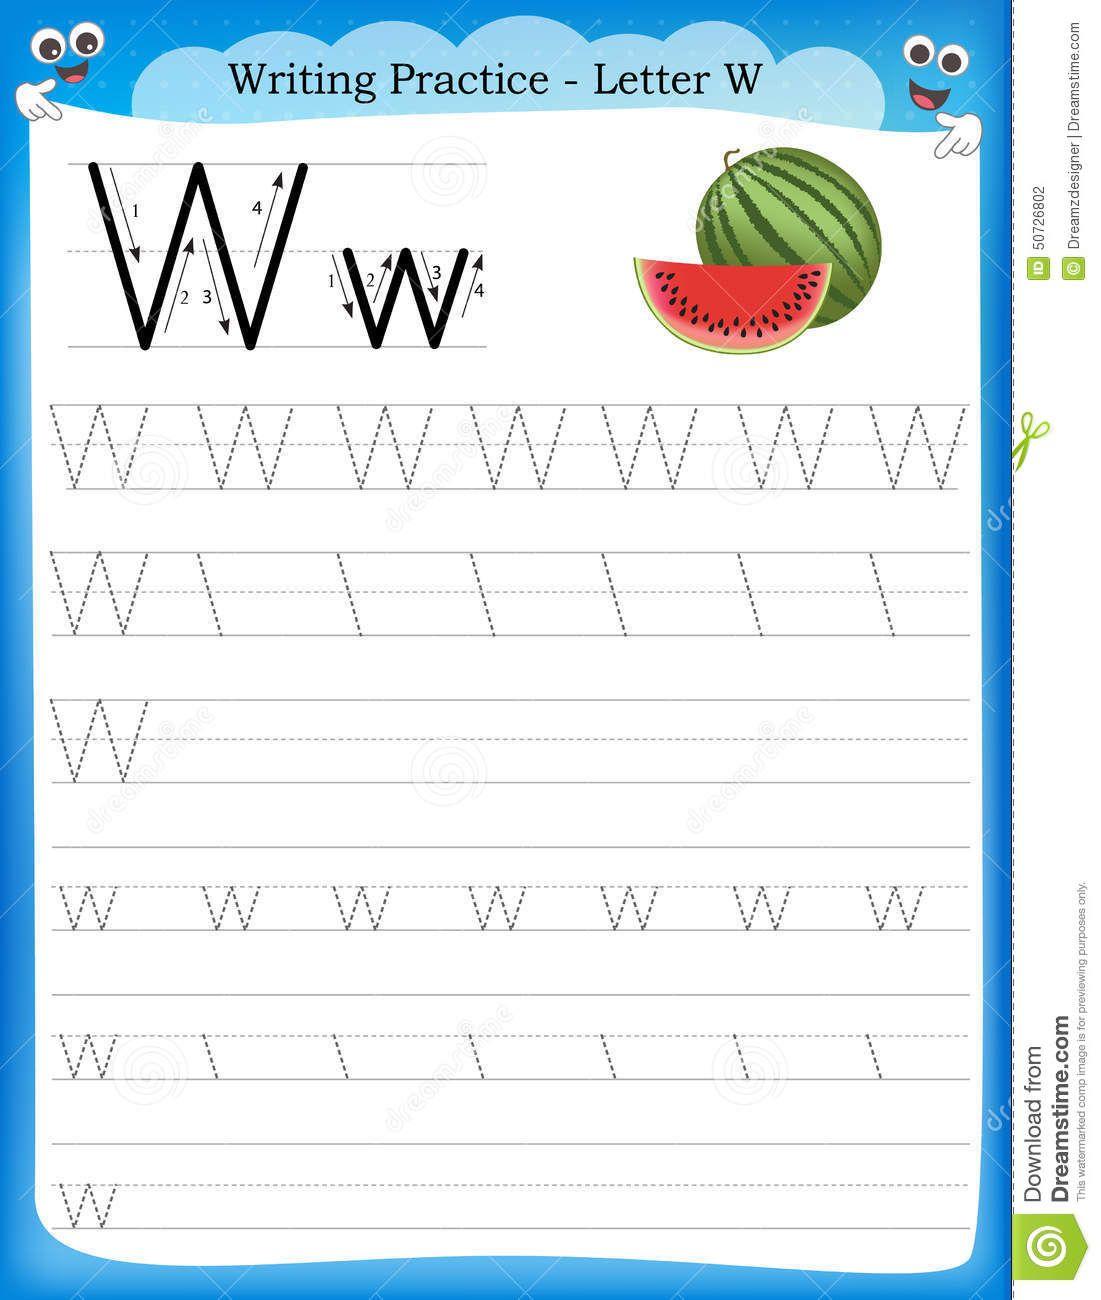 Letra W De La Practica De La Escritura Ilustracion Del